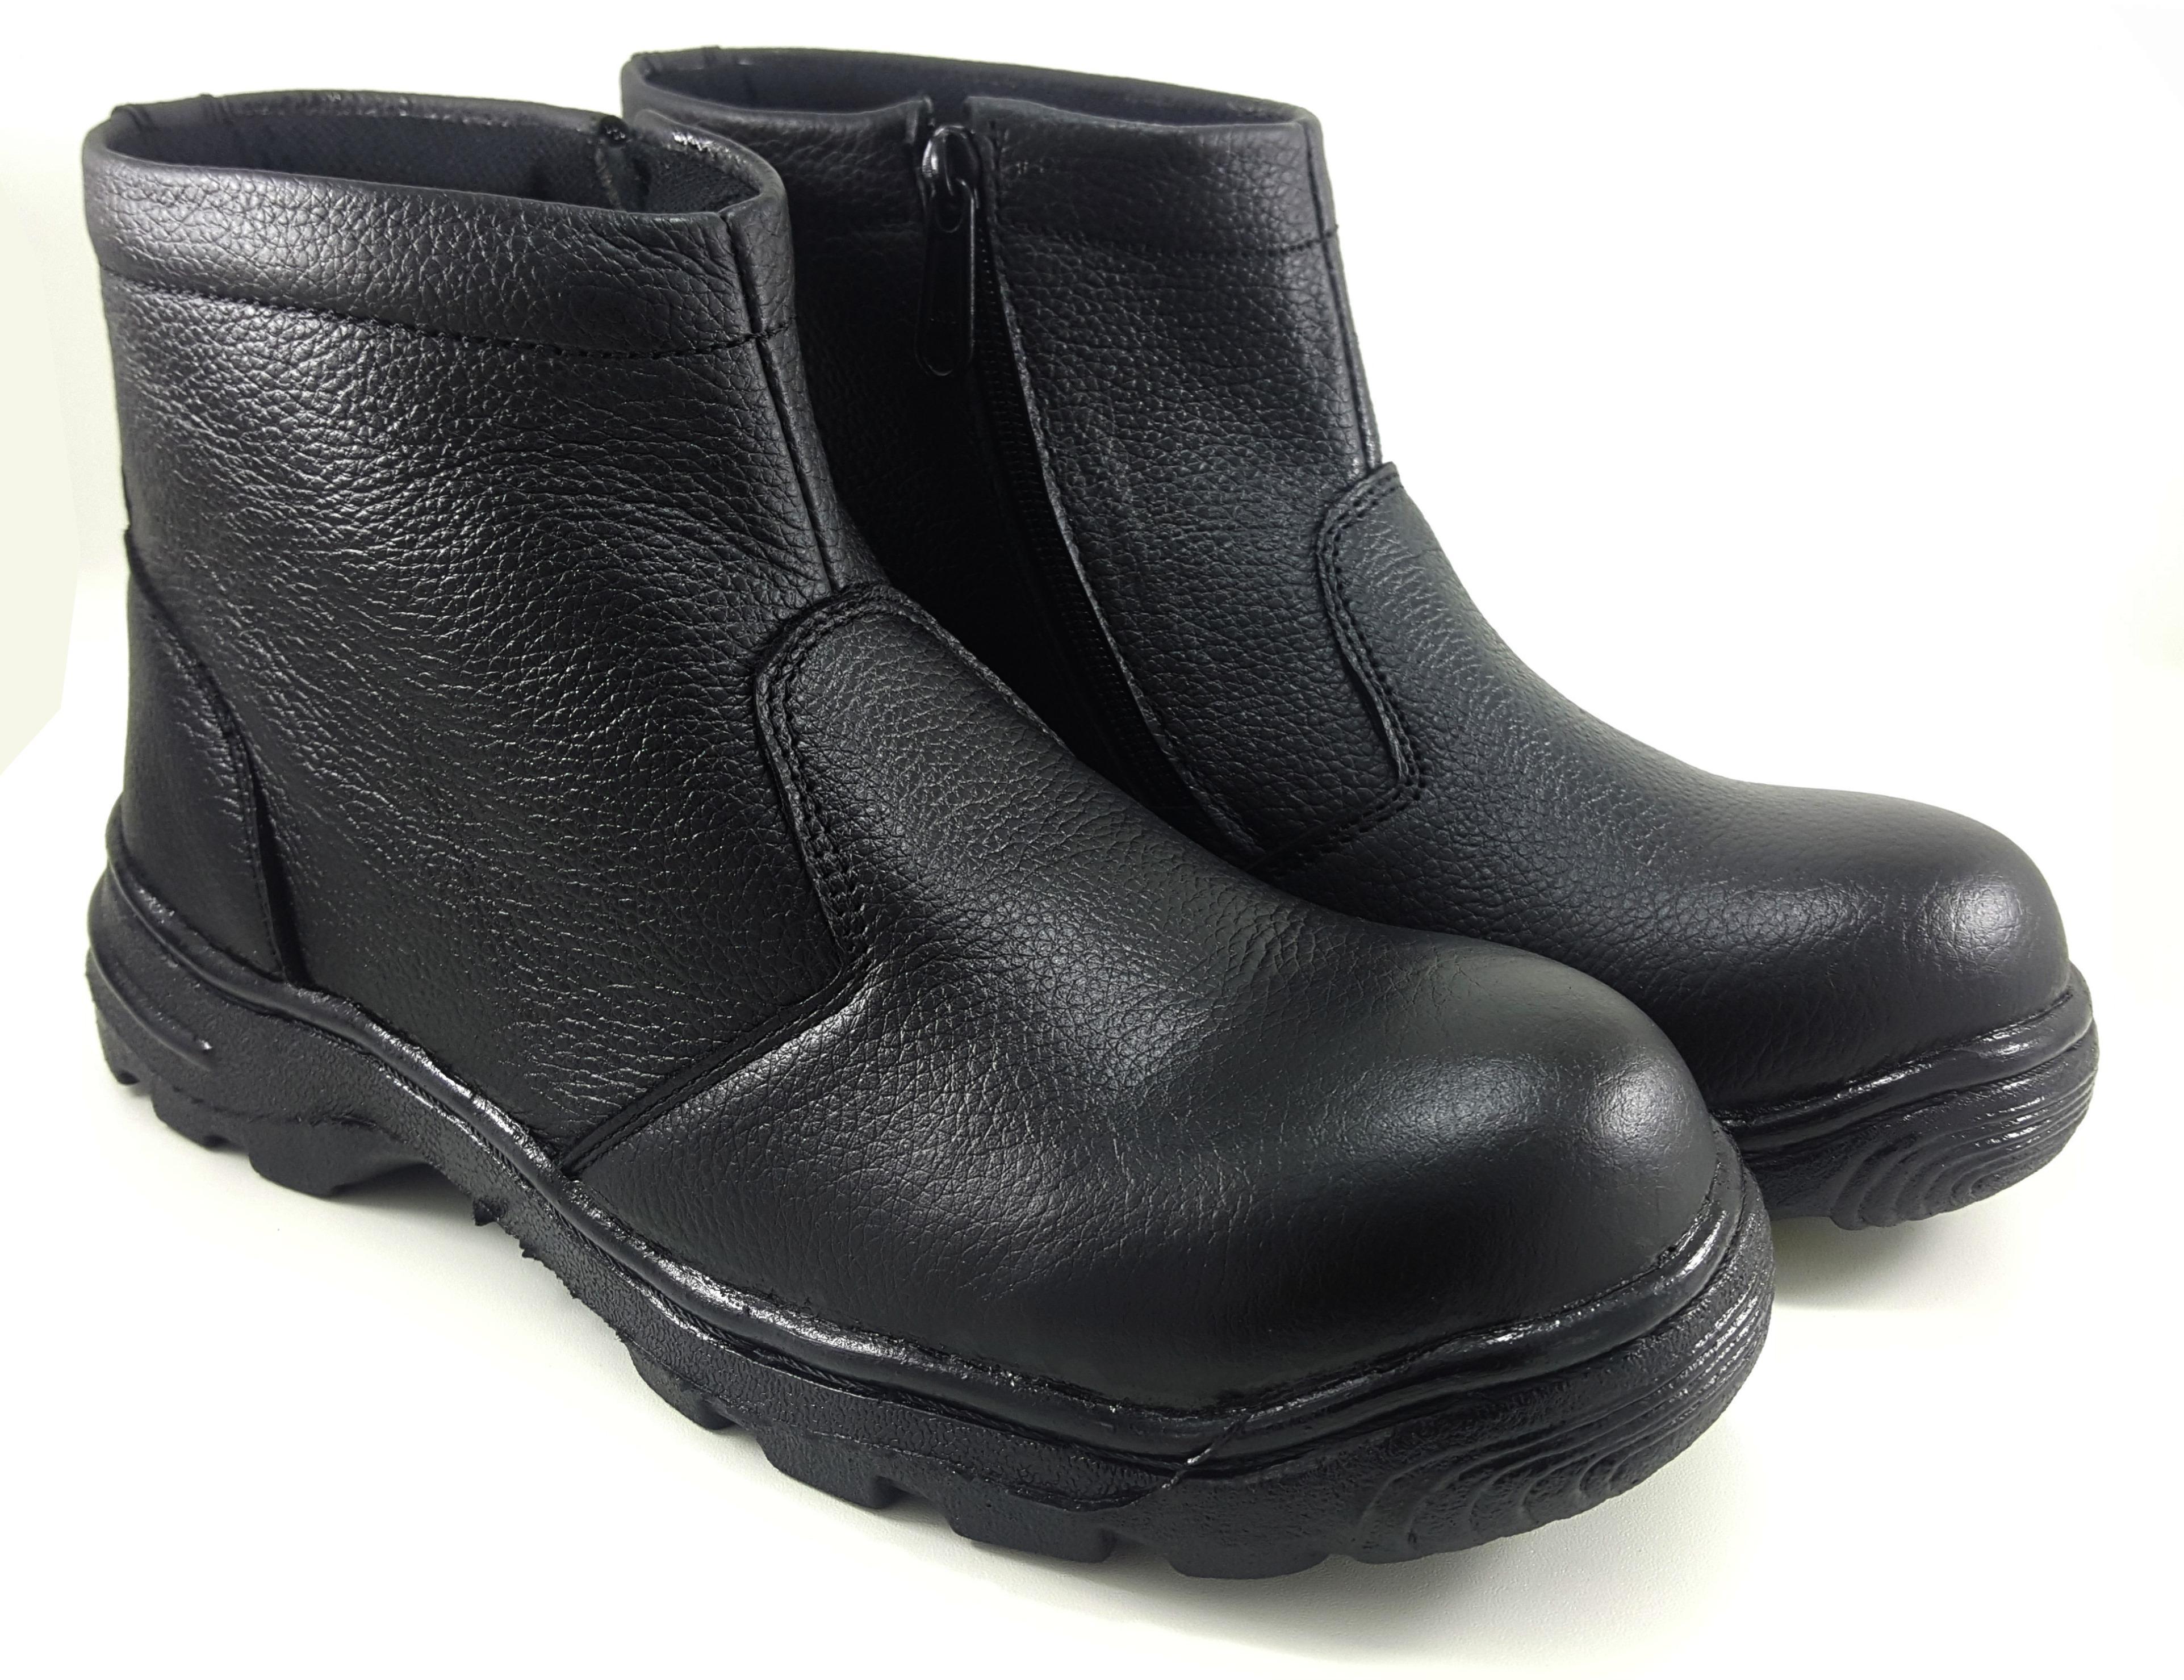 Sepatu Safety Boot Retsleting Kulit Asli King Arthur